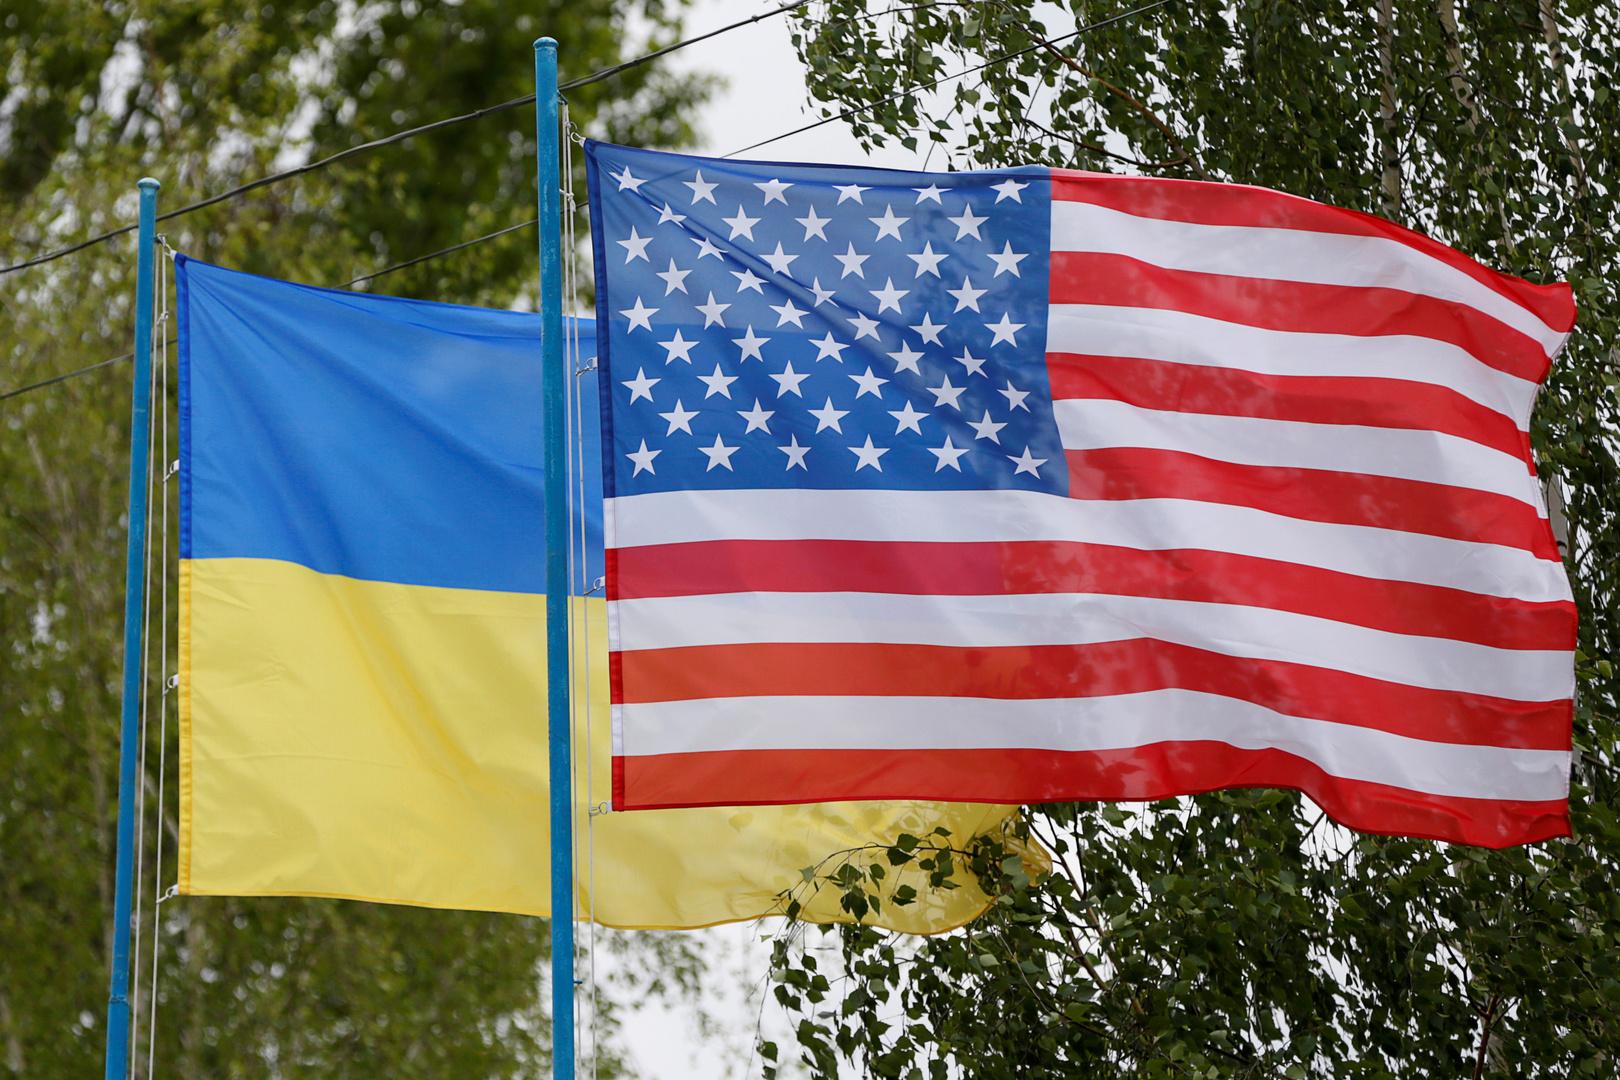 مستشار بايدن يبحث مع وفد أوكراني الوضع في دونباس والتحضير للقاء بايدن زيلينسكي